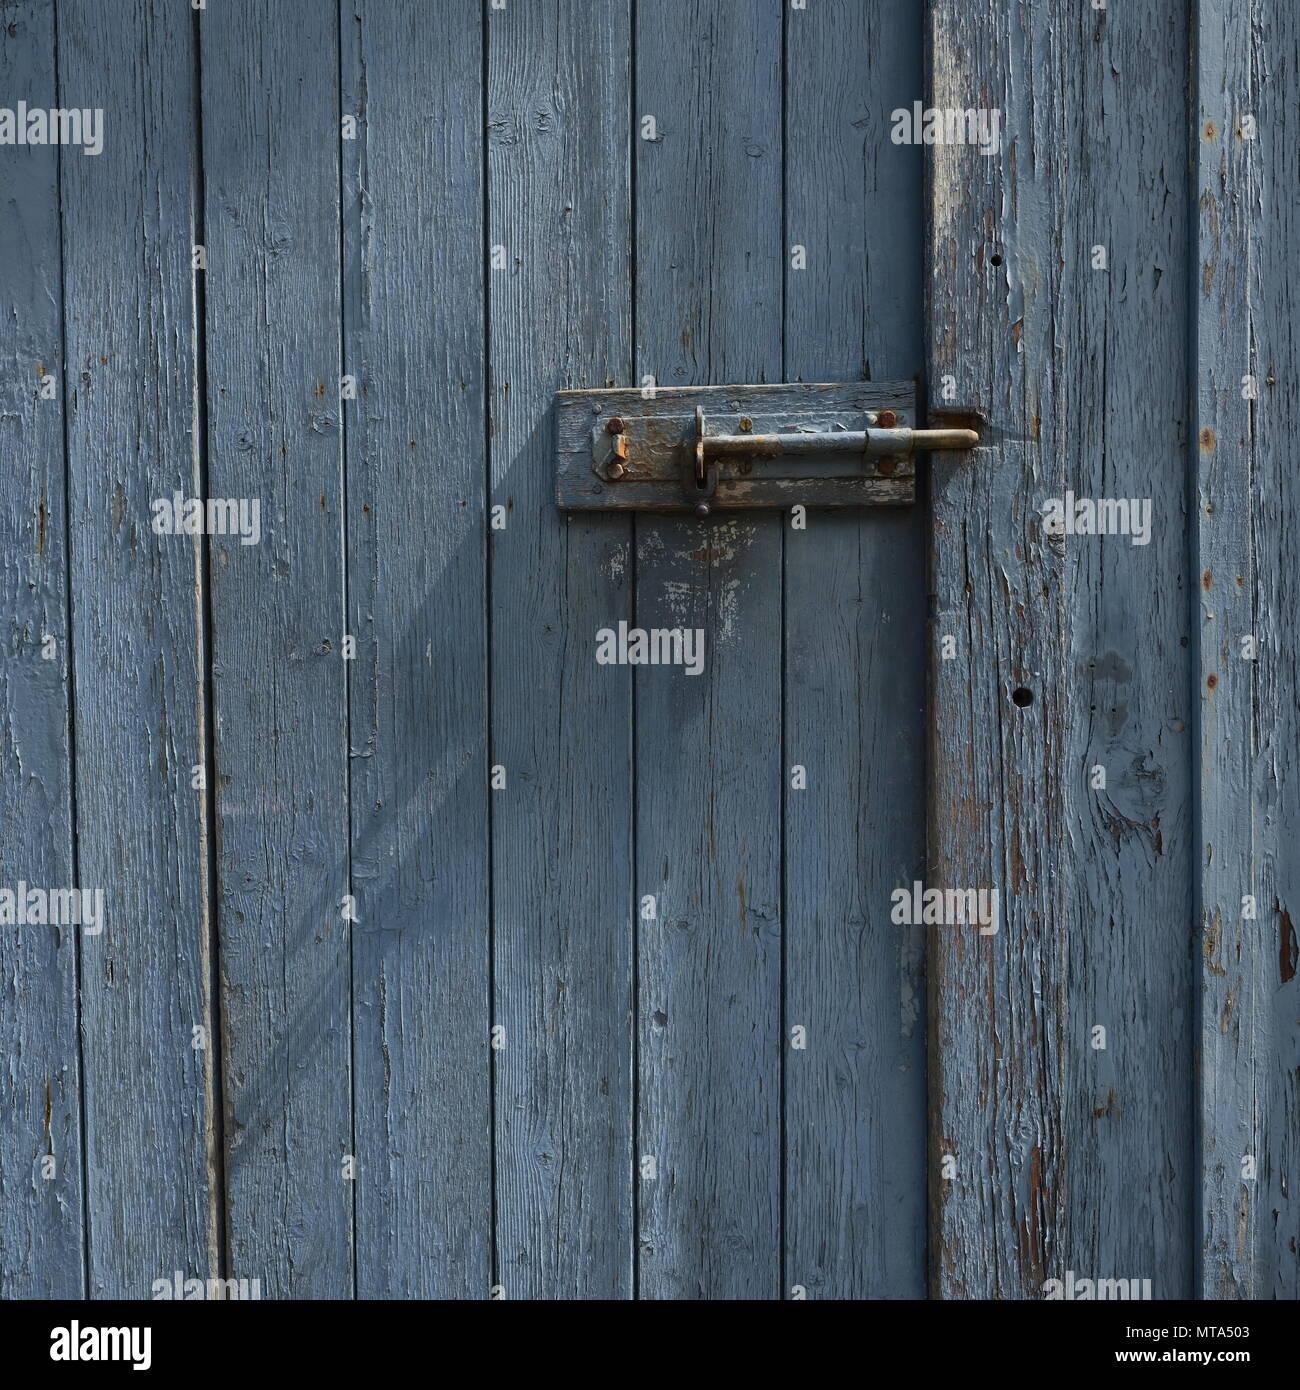 Lu0027écaillage De La Peinture Gris Bleu Porte Altérée En Couleur